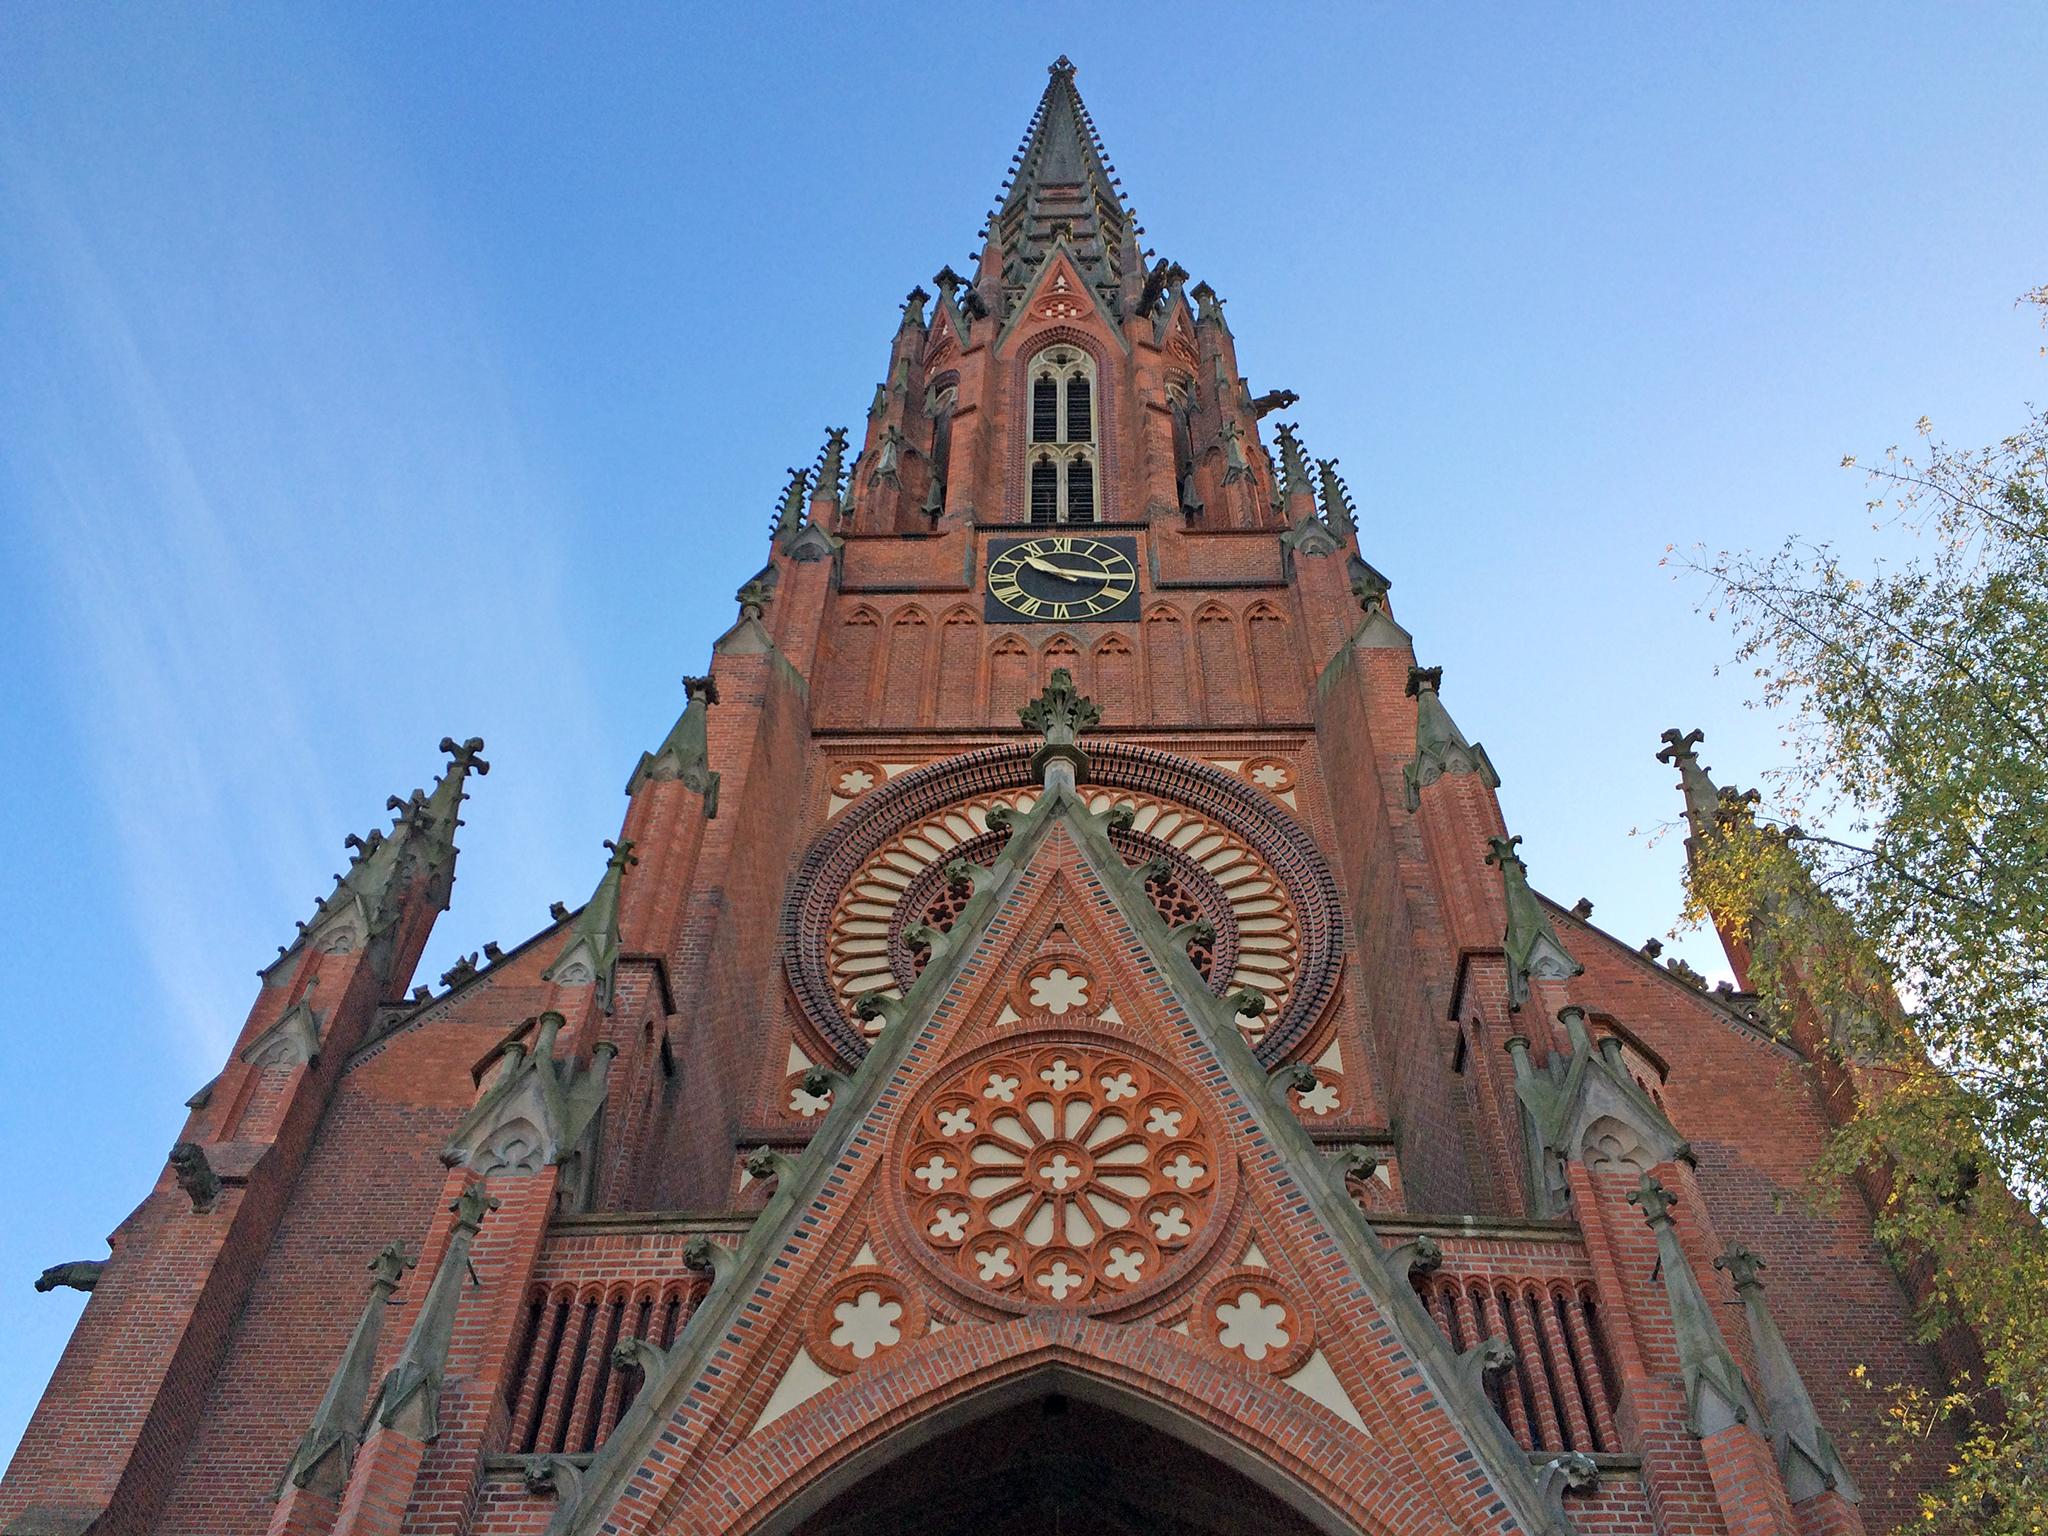 Blick auf das Eingangsportal der Christuskirche zu Hannover